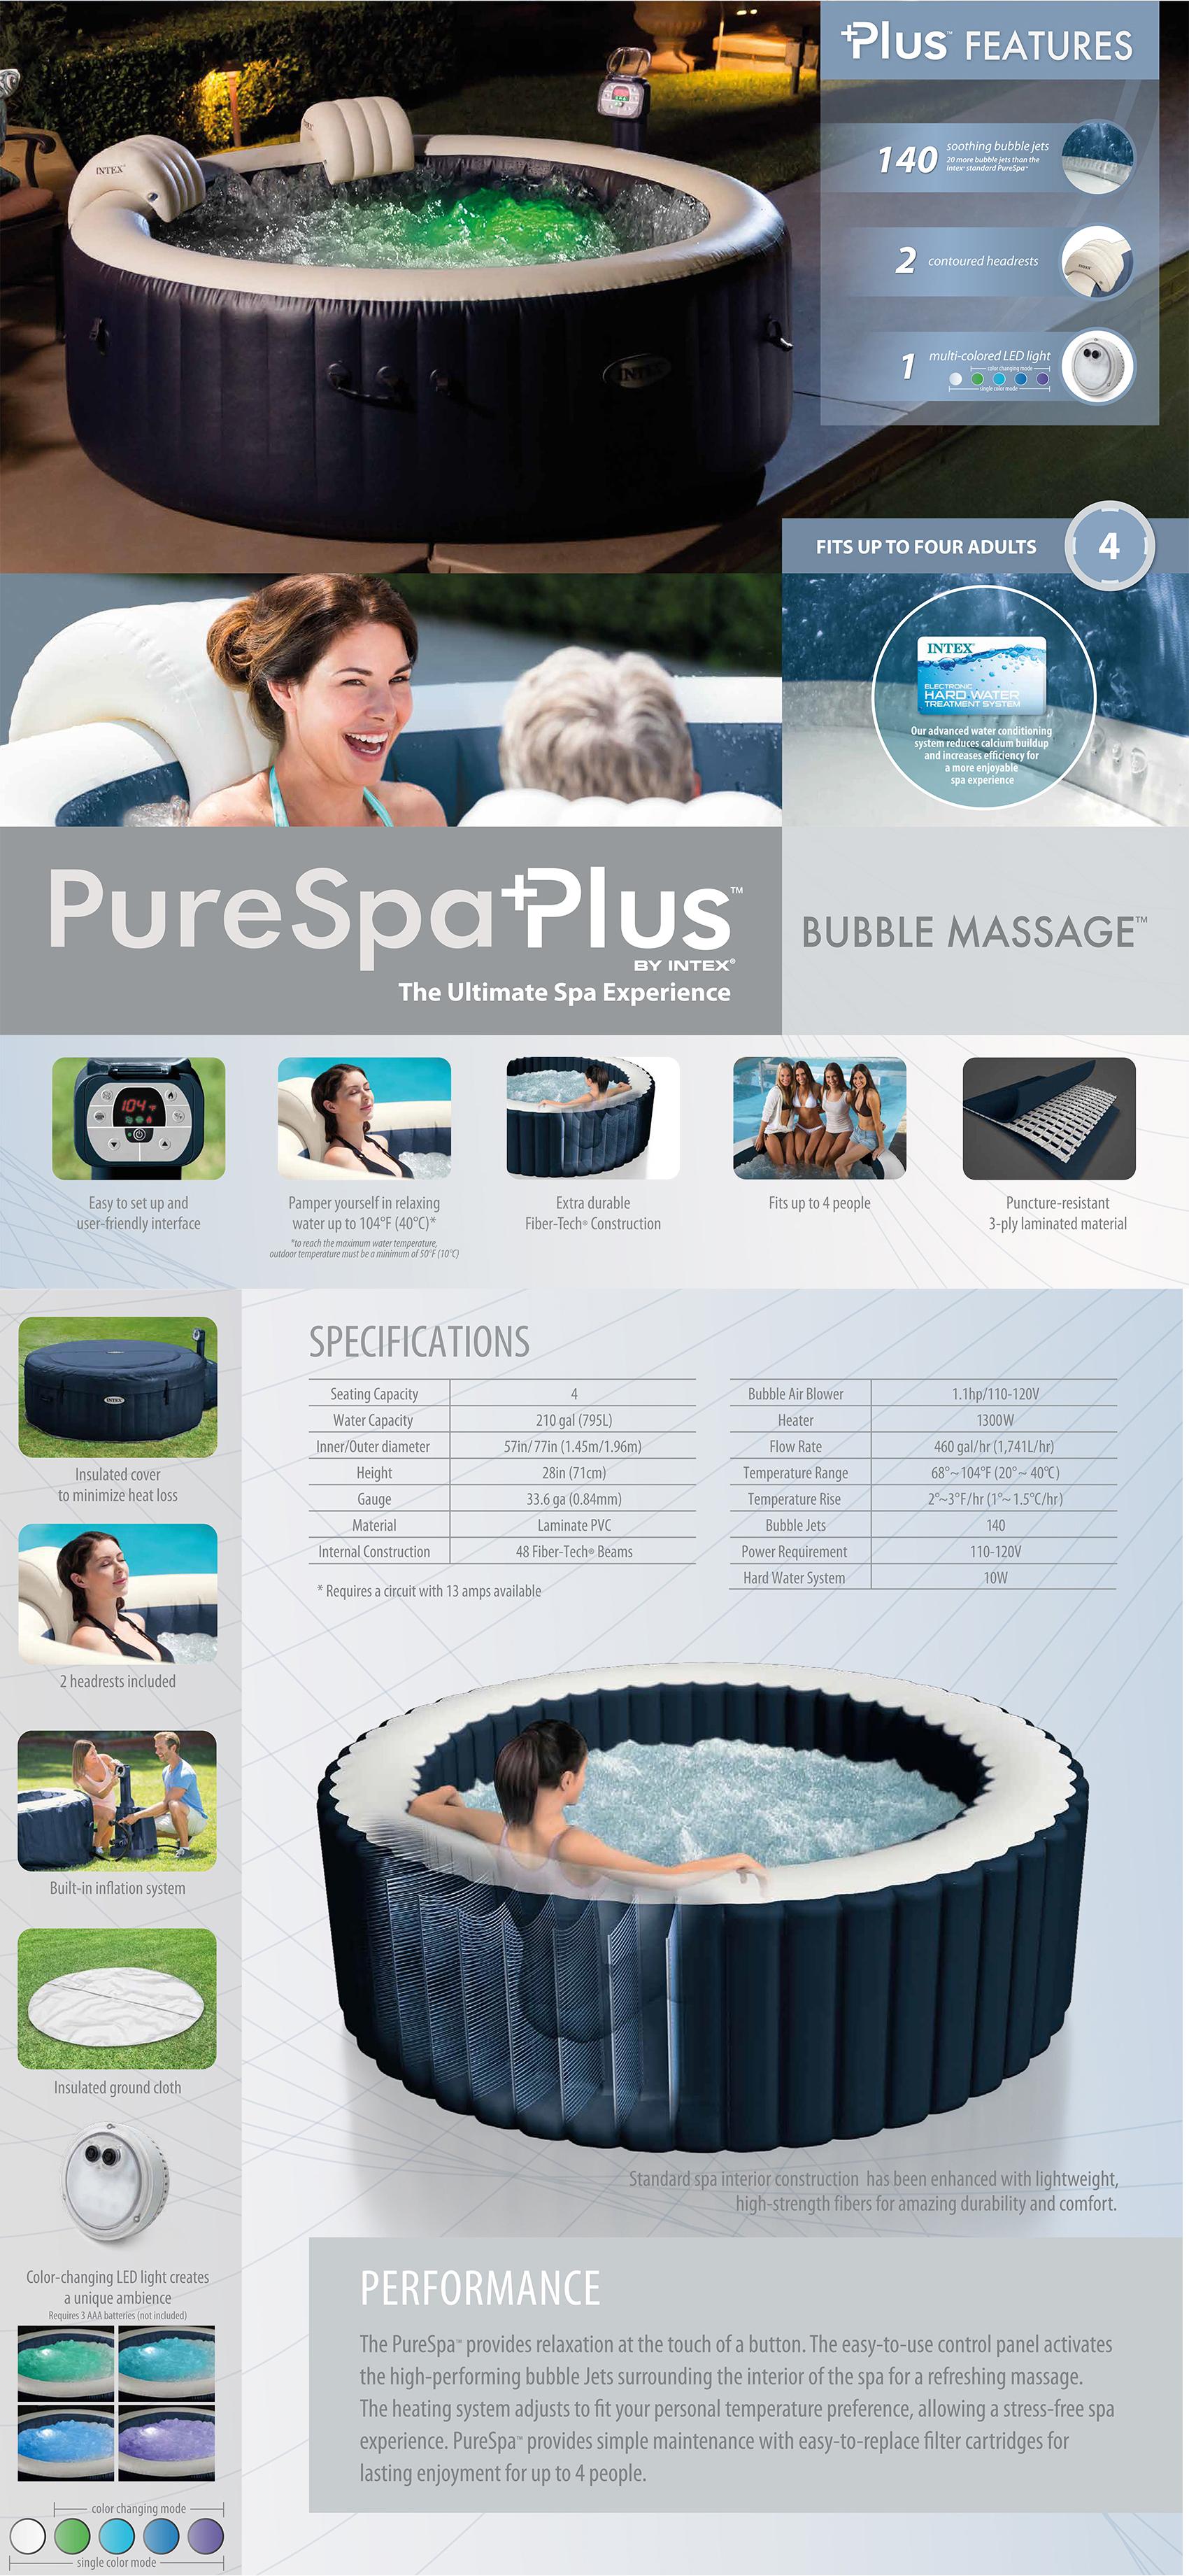 77in X 28in PureSpa Plus Bubble Massage Set